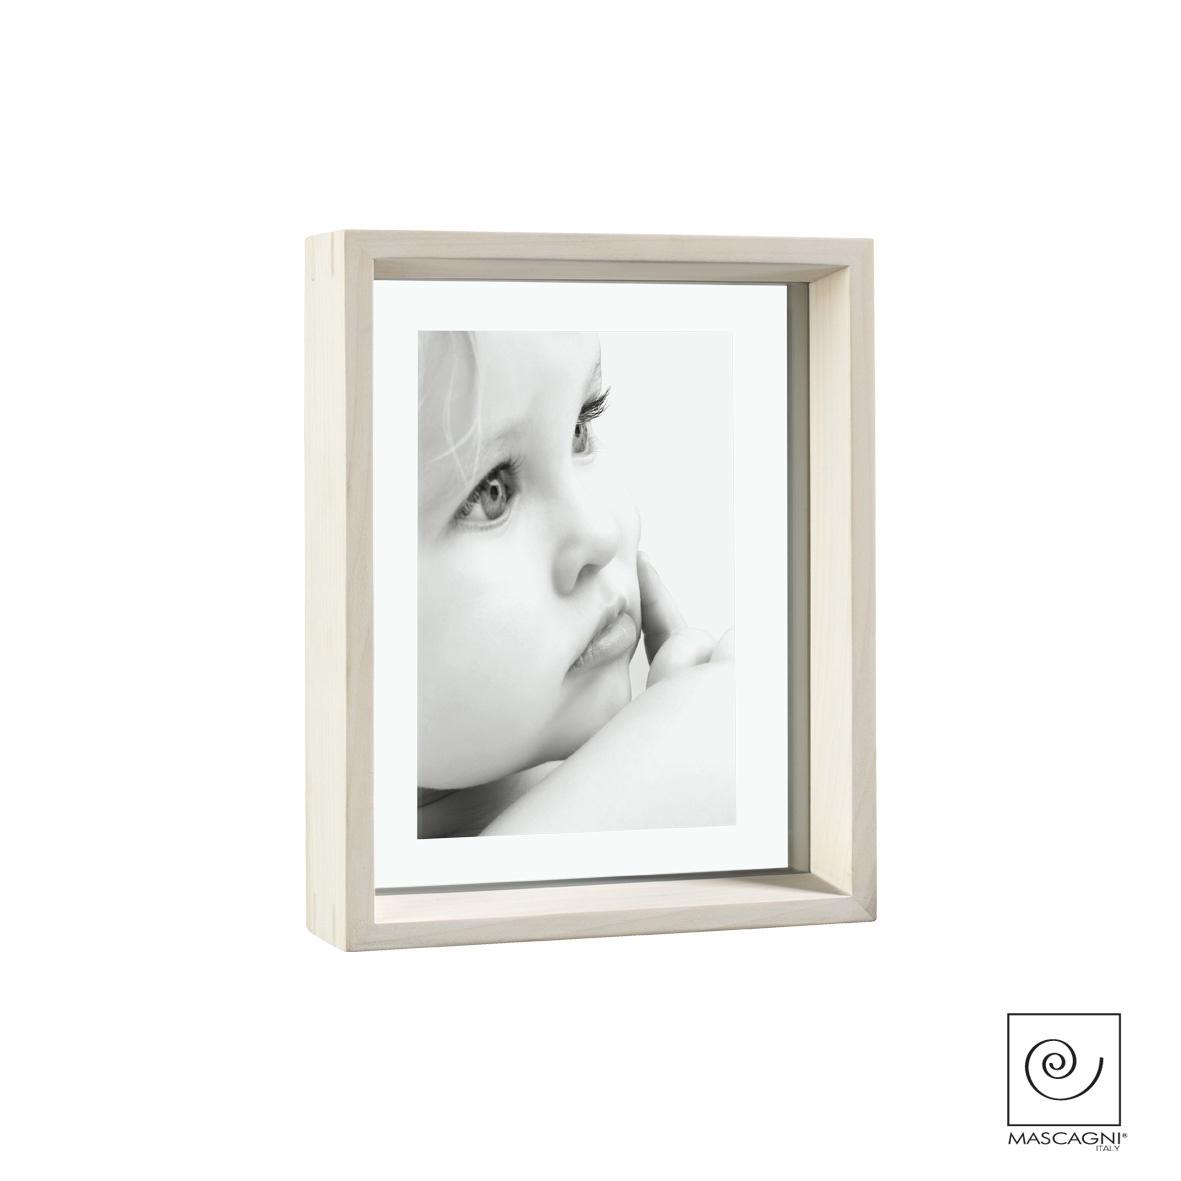 Art Mascagni A756 PHOTO FRAME 10X15 - COL. WHITE